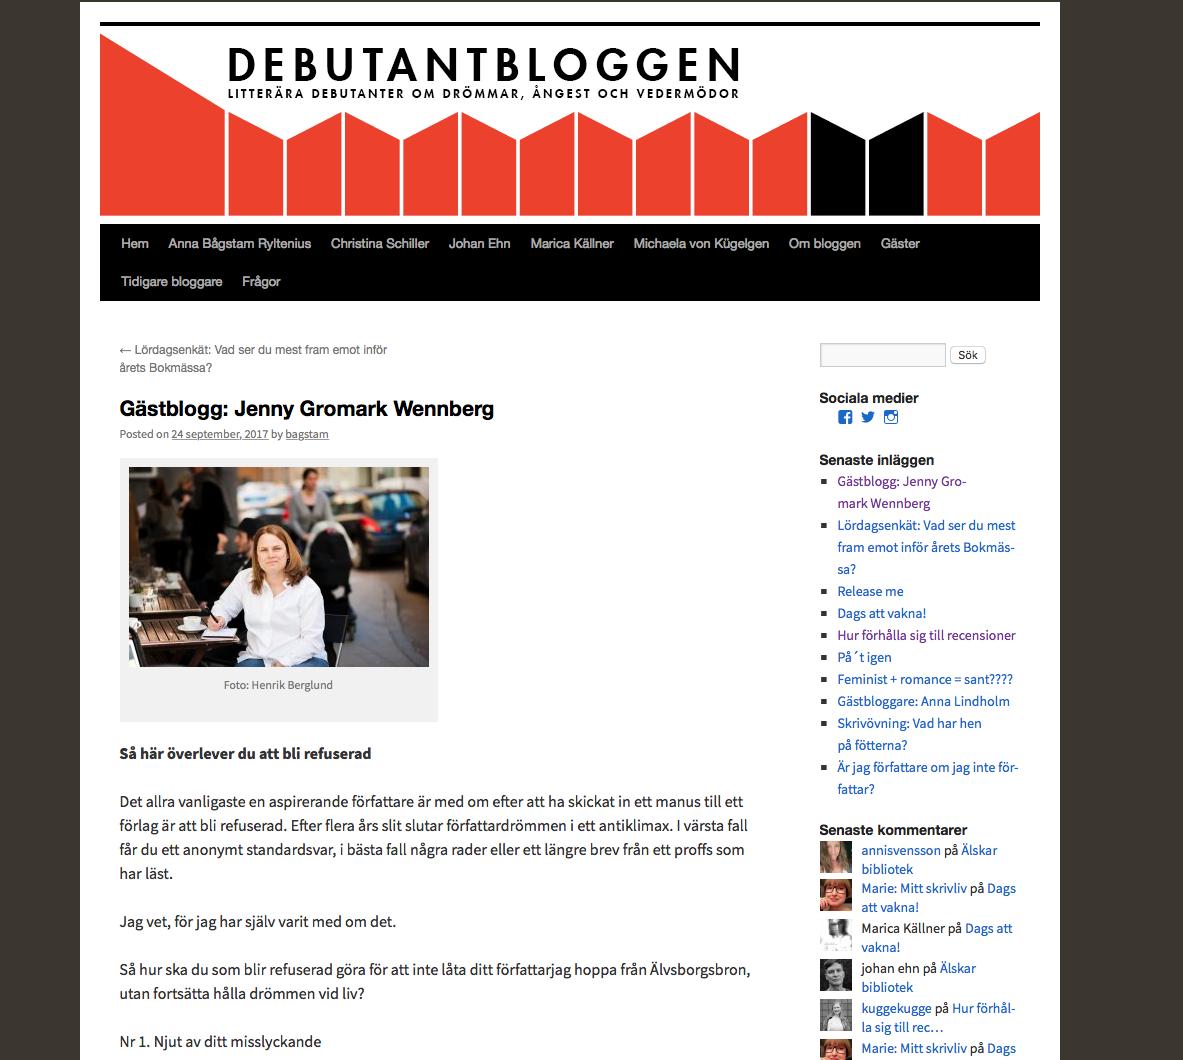 Debutantbloggen , litterära debutanter om drömmar, ångest och vedermödor. Foto: Henrik Berglund.